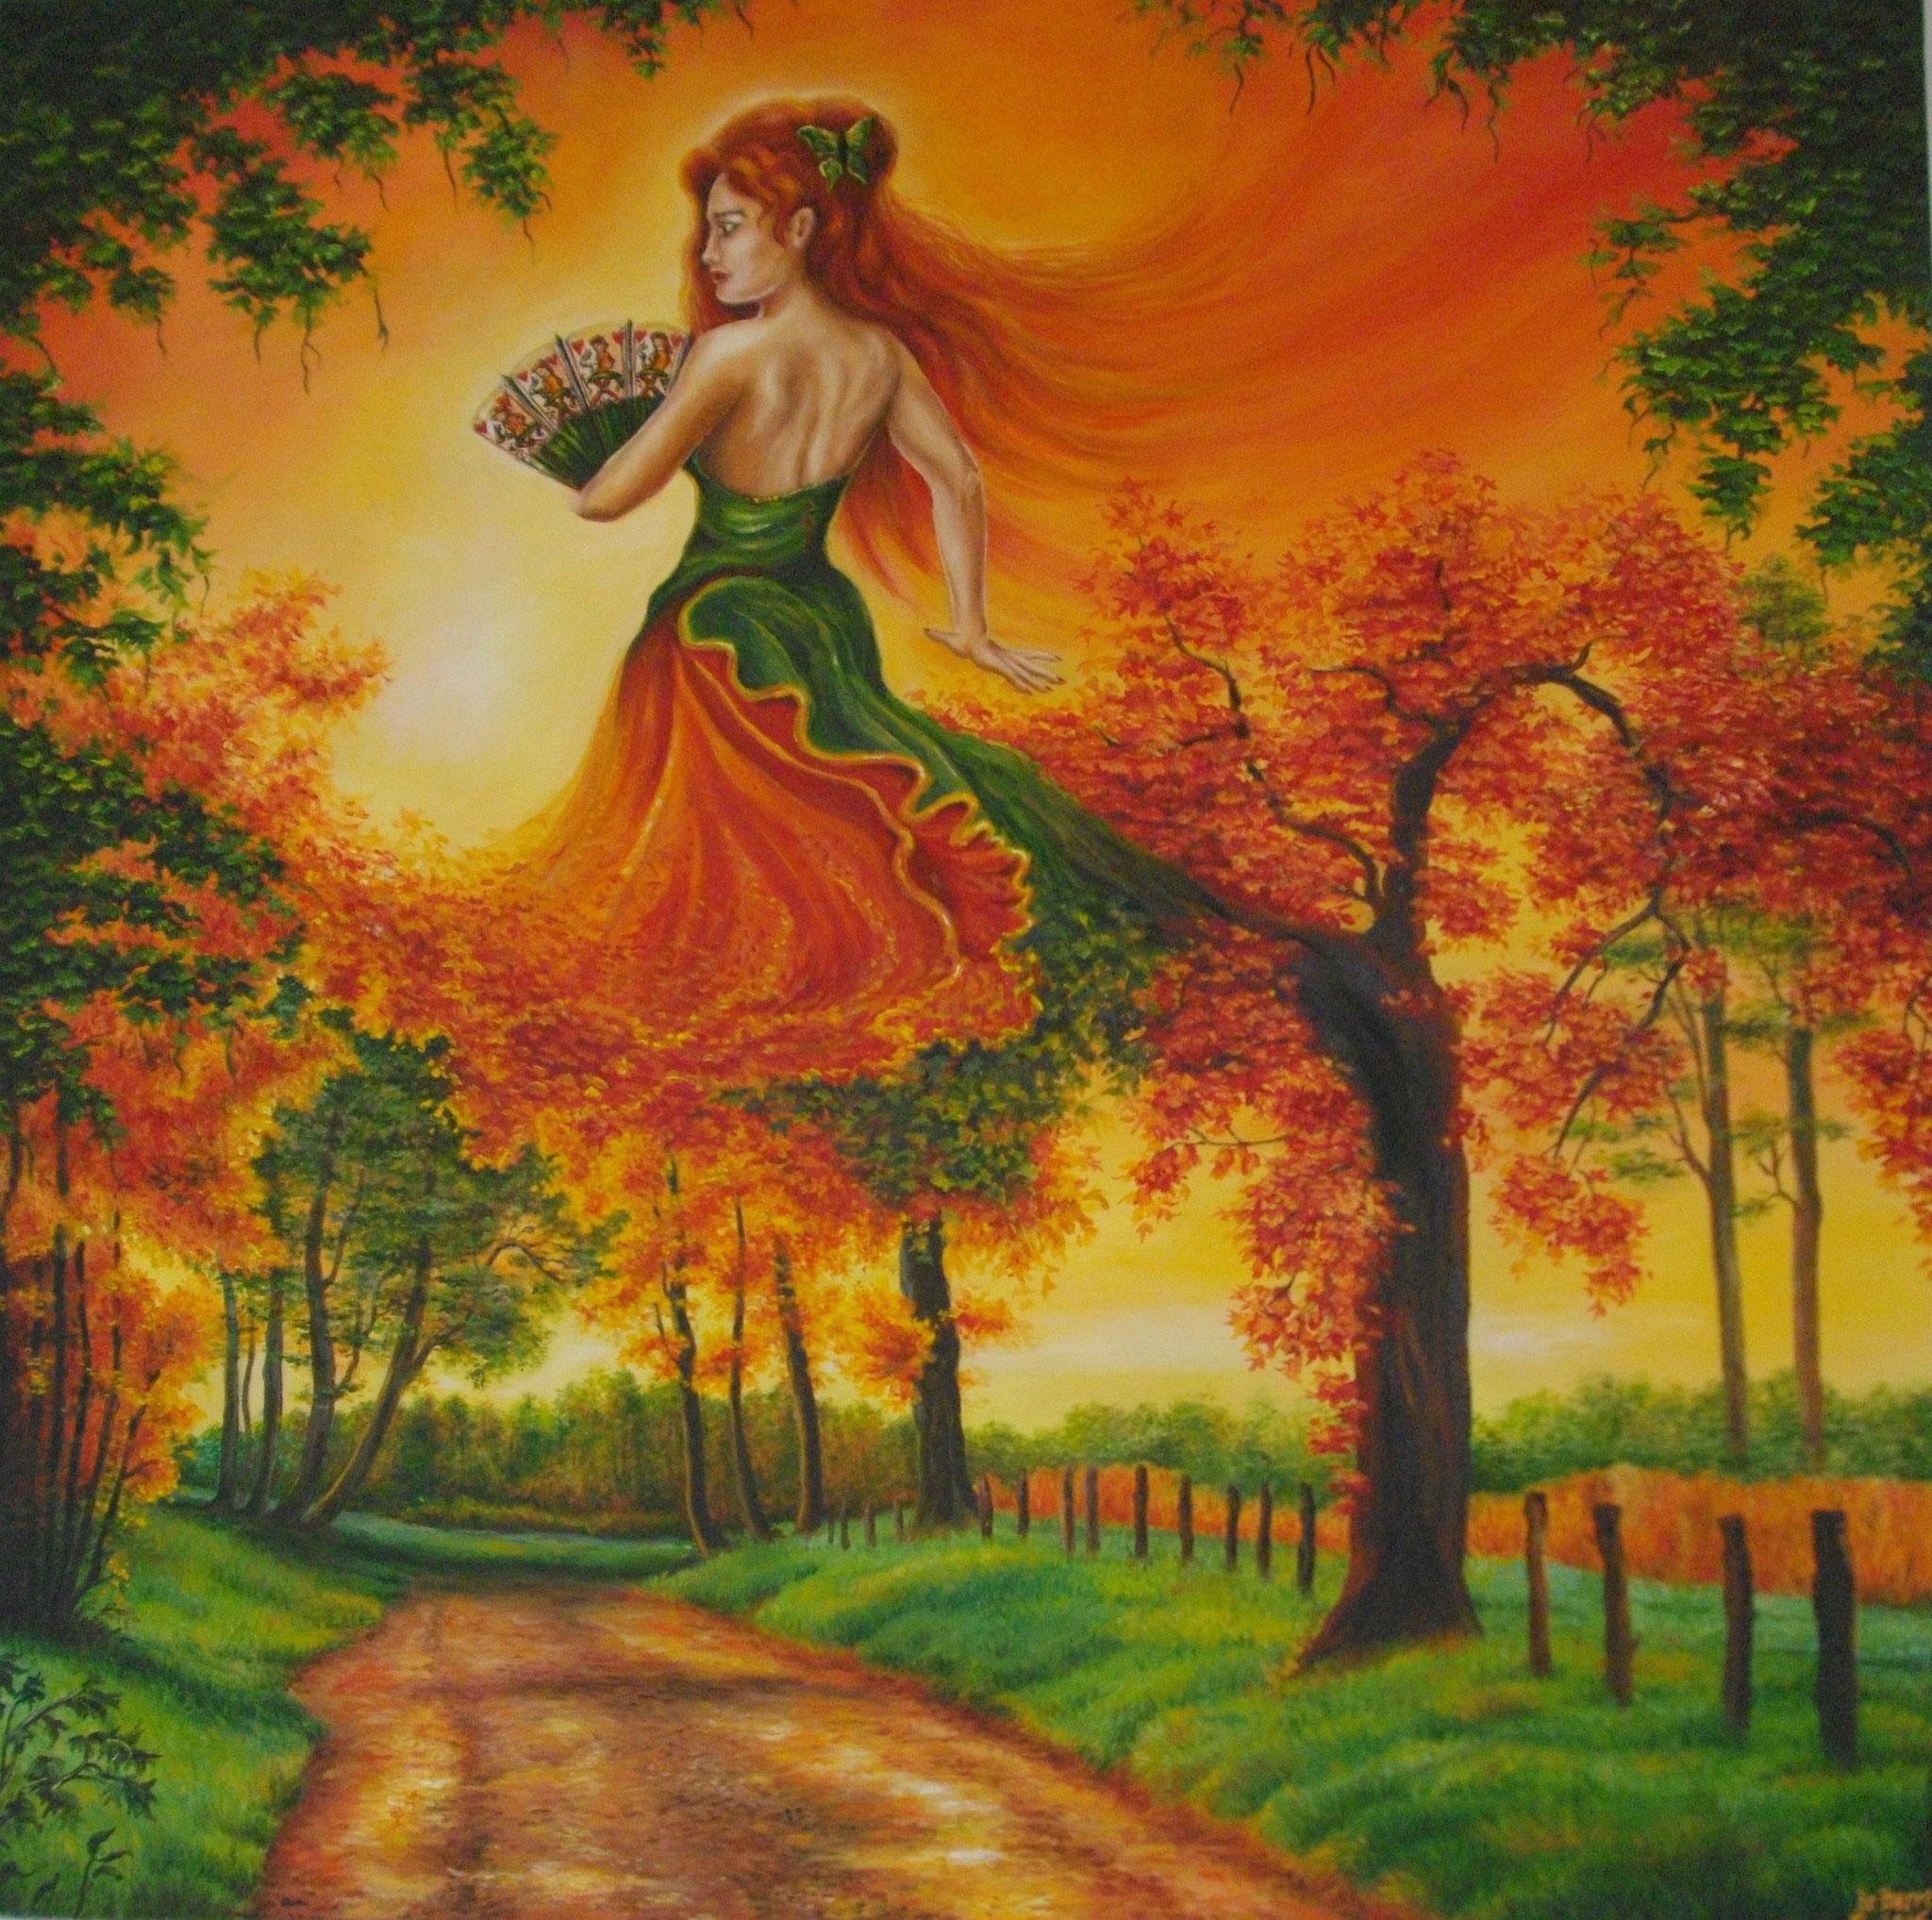 La Danseuse d'octobre huile